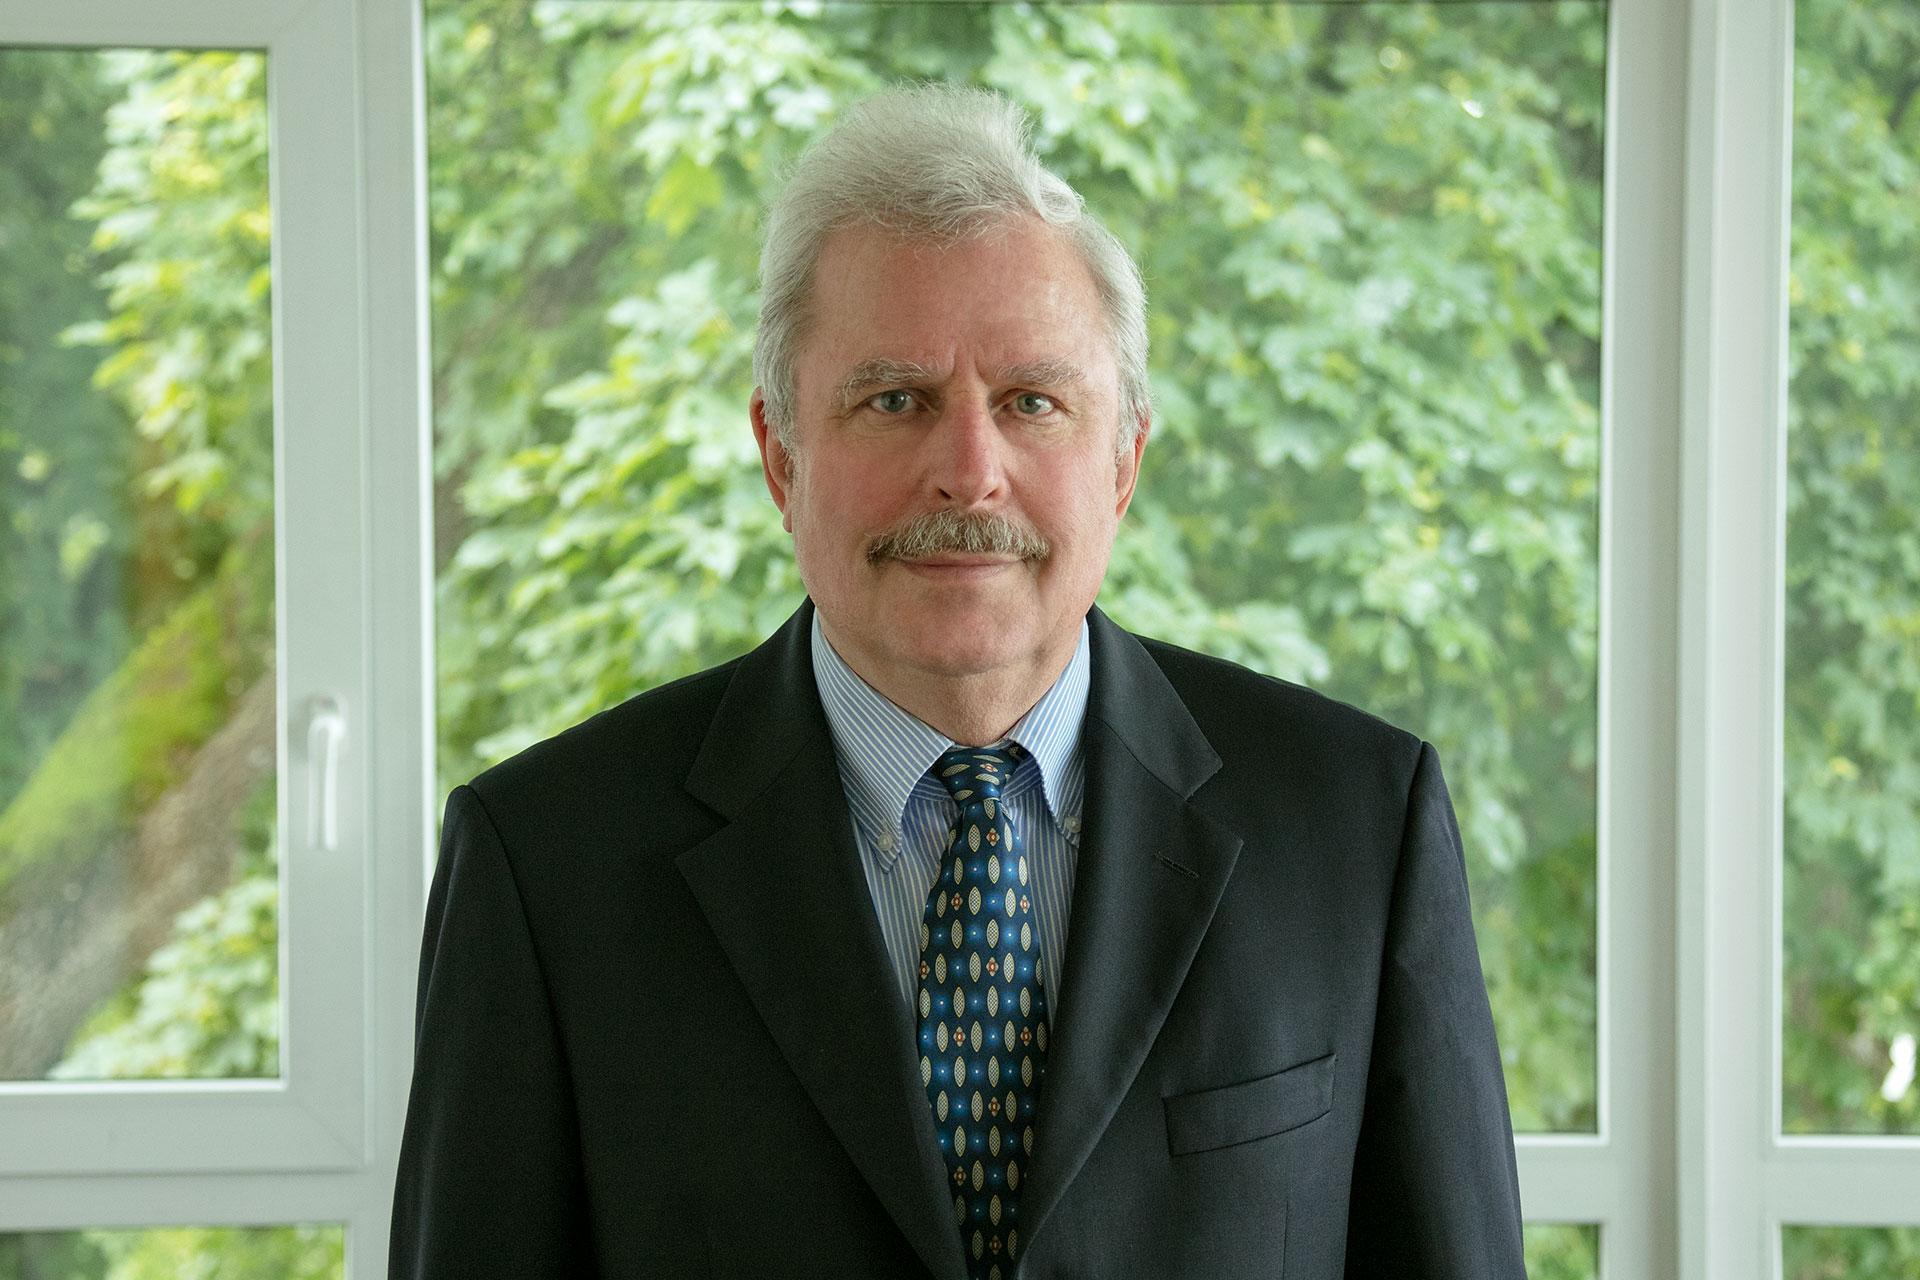 Dipl.-Chem. Dr. phil. nat. Wolfgang Luderschmidt